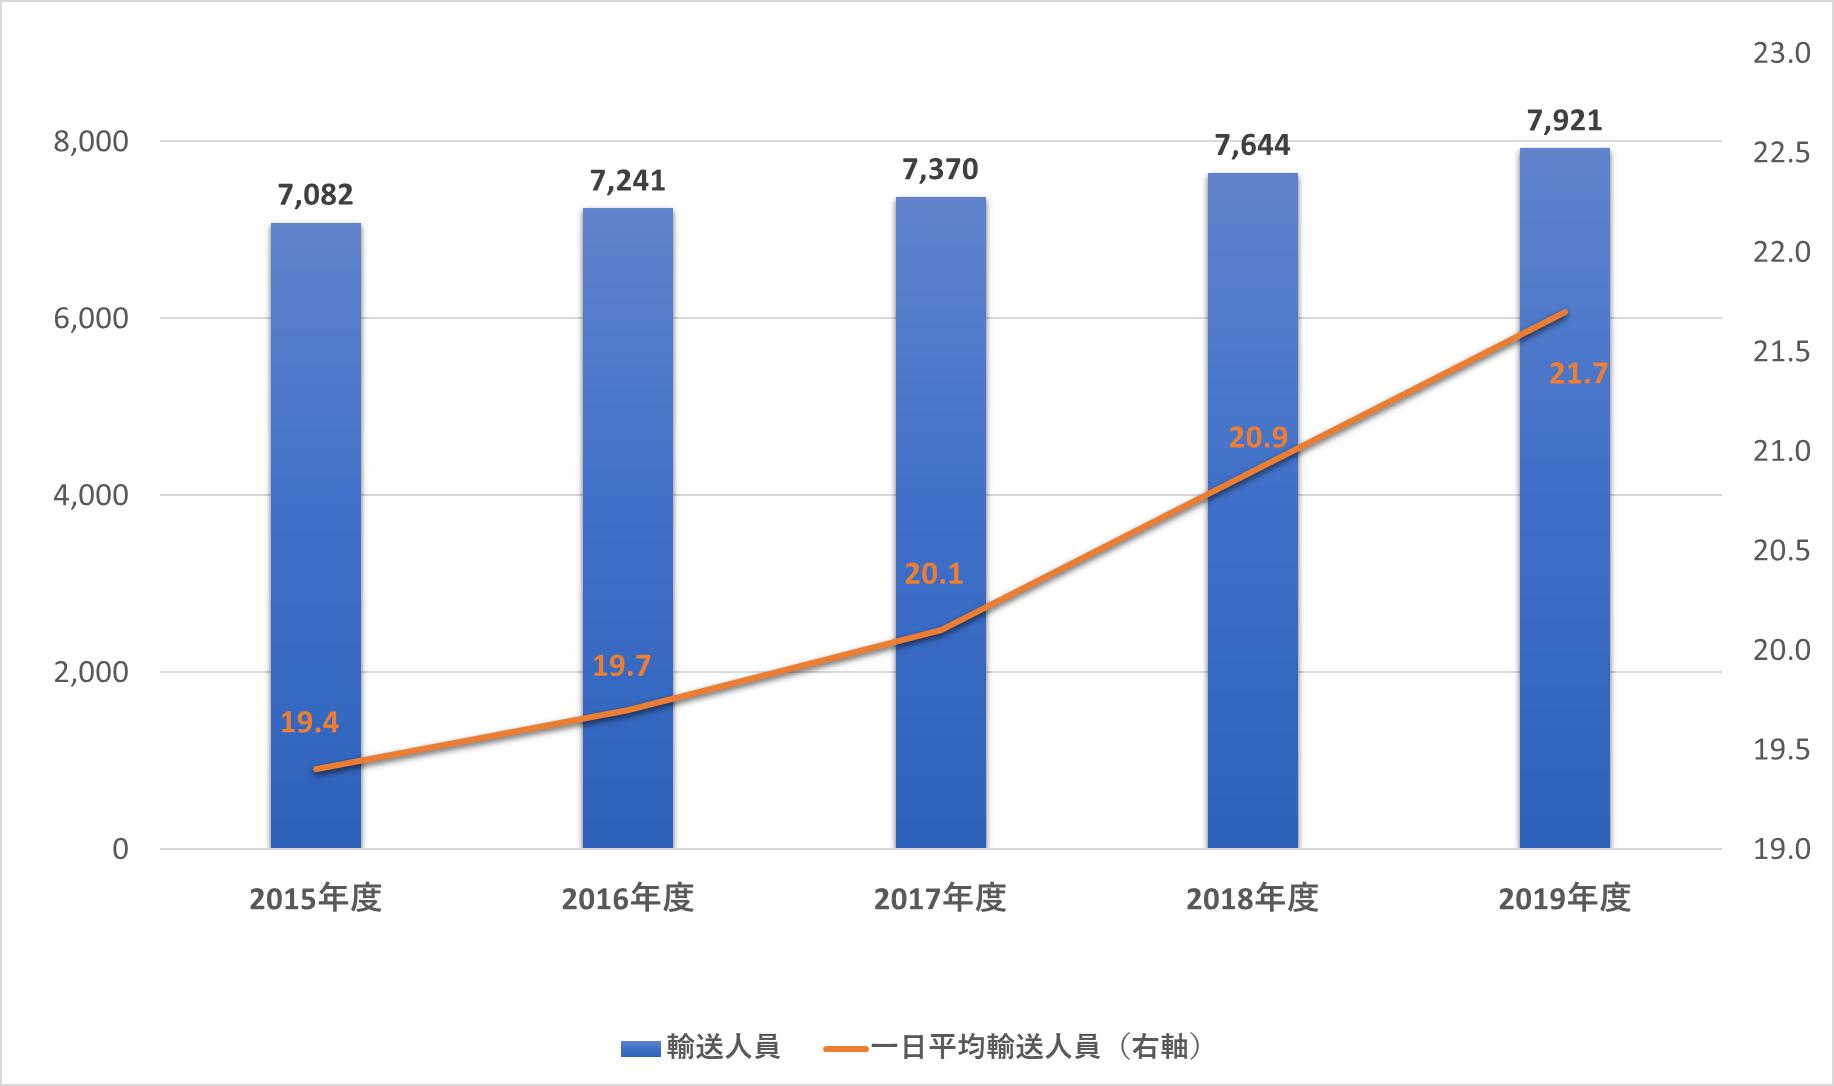 グラフ:輸送人員の推移